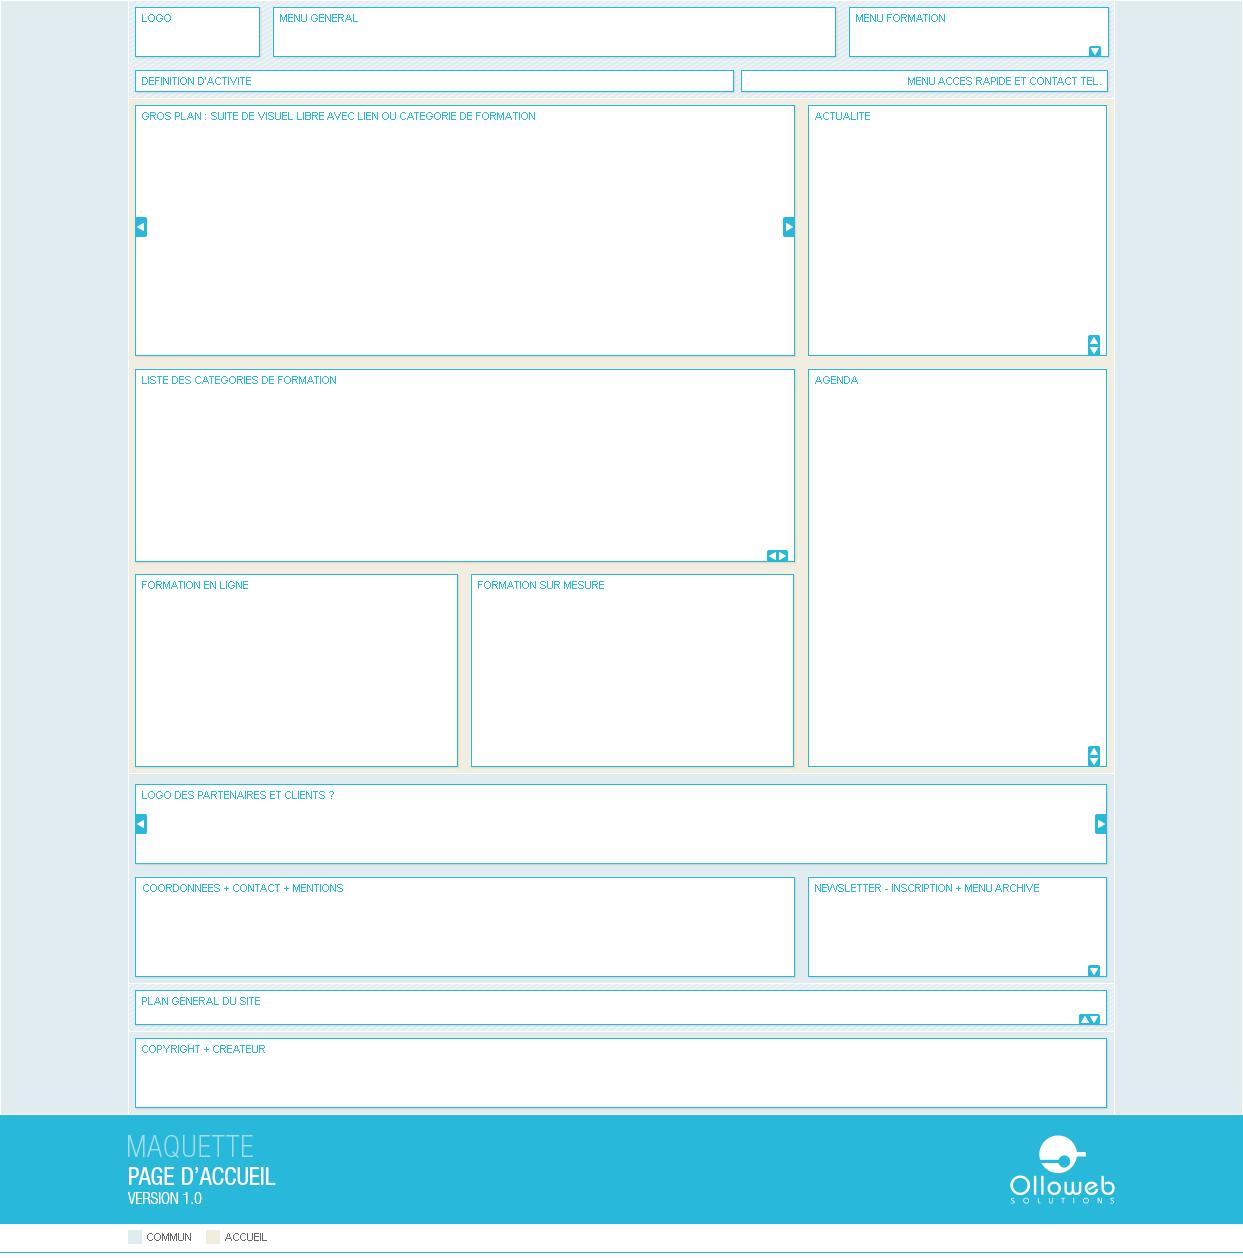 Proposition de maquette de la page d'accueil.